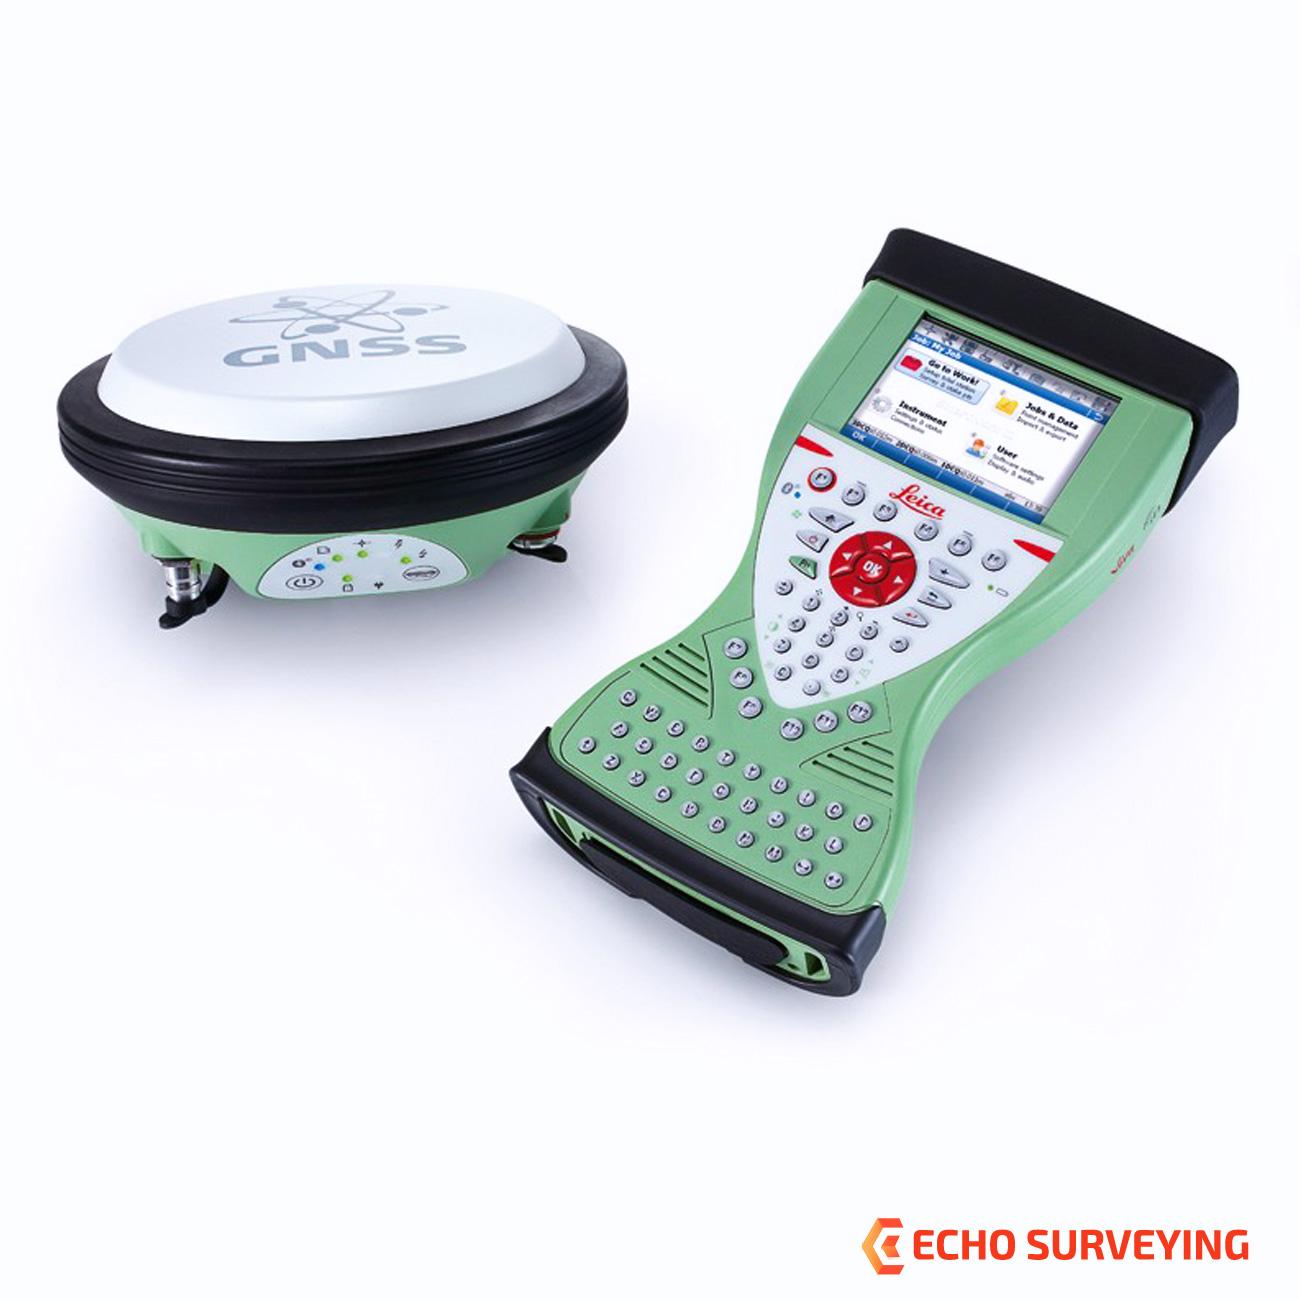 Leica-Viva-GS14-GNSS-RTK-Rover-CS15-SmartWorx.jpg